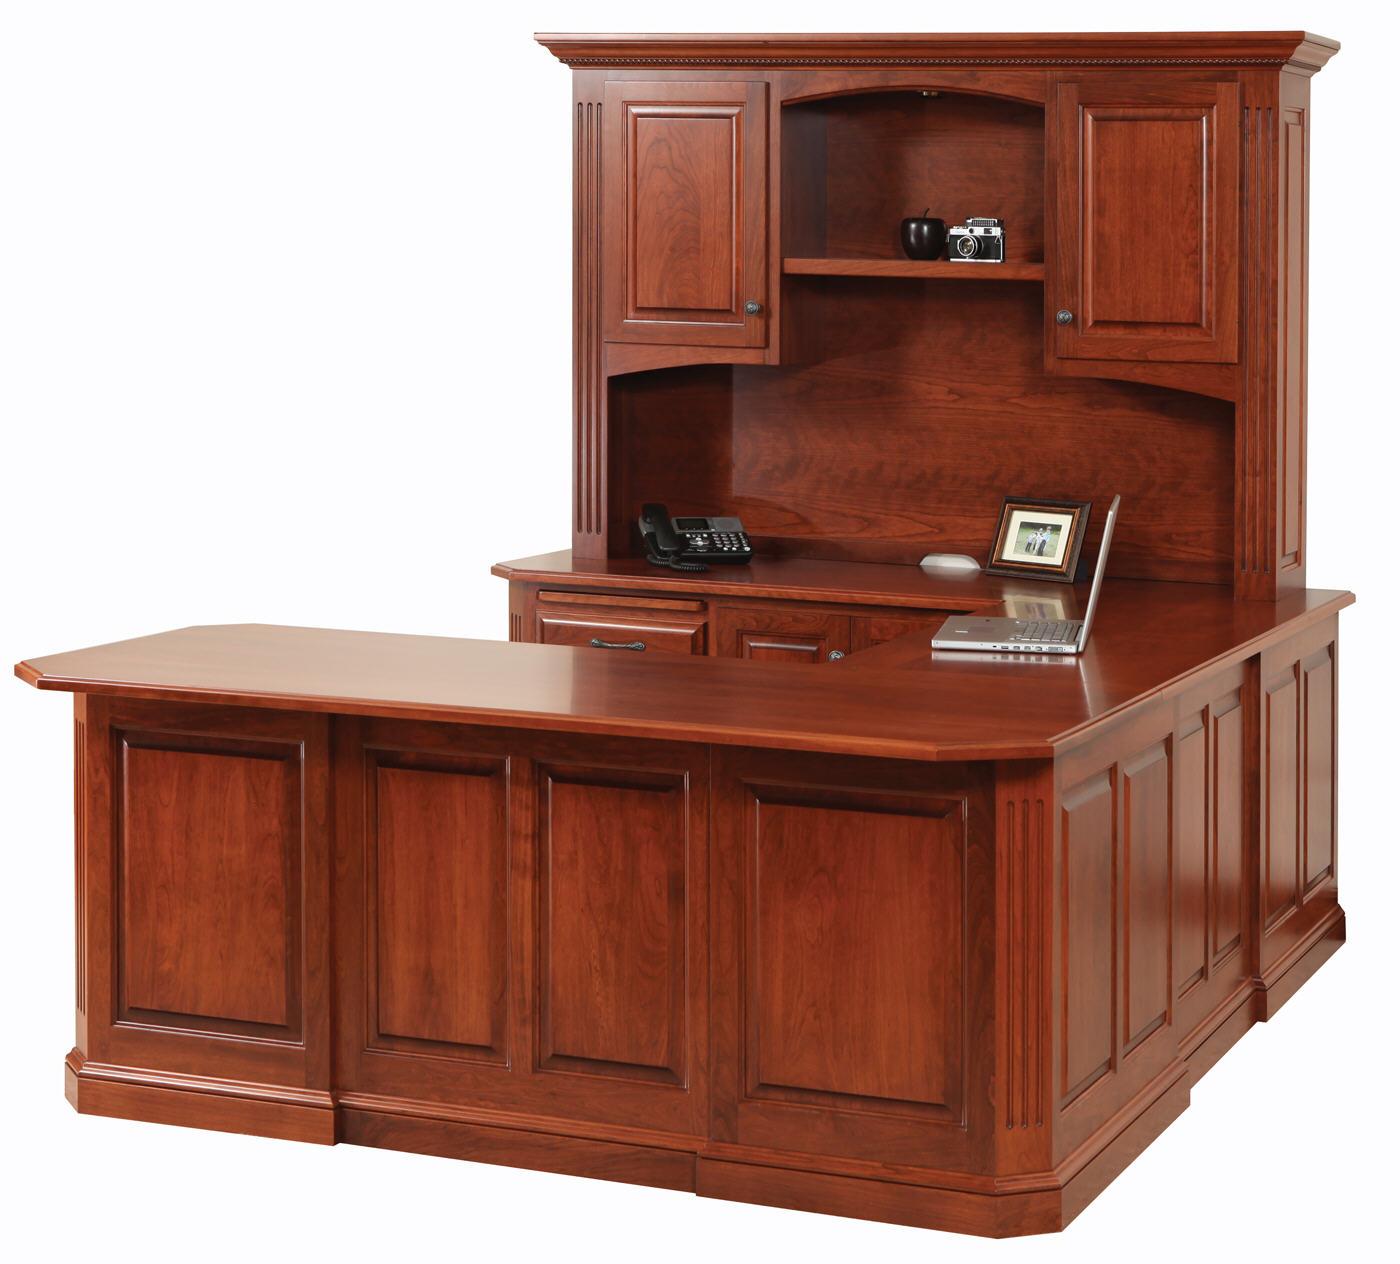 Us Furniture Inc: Stanford U-Shape Desk W/Hutch : 451-STA122(112)-63